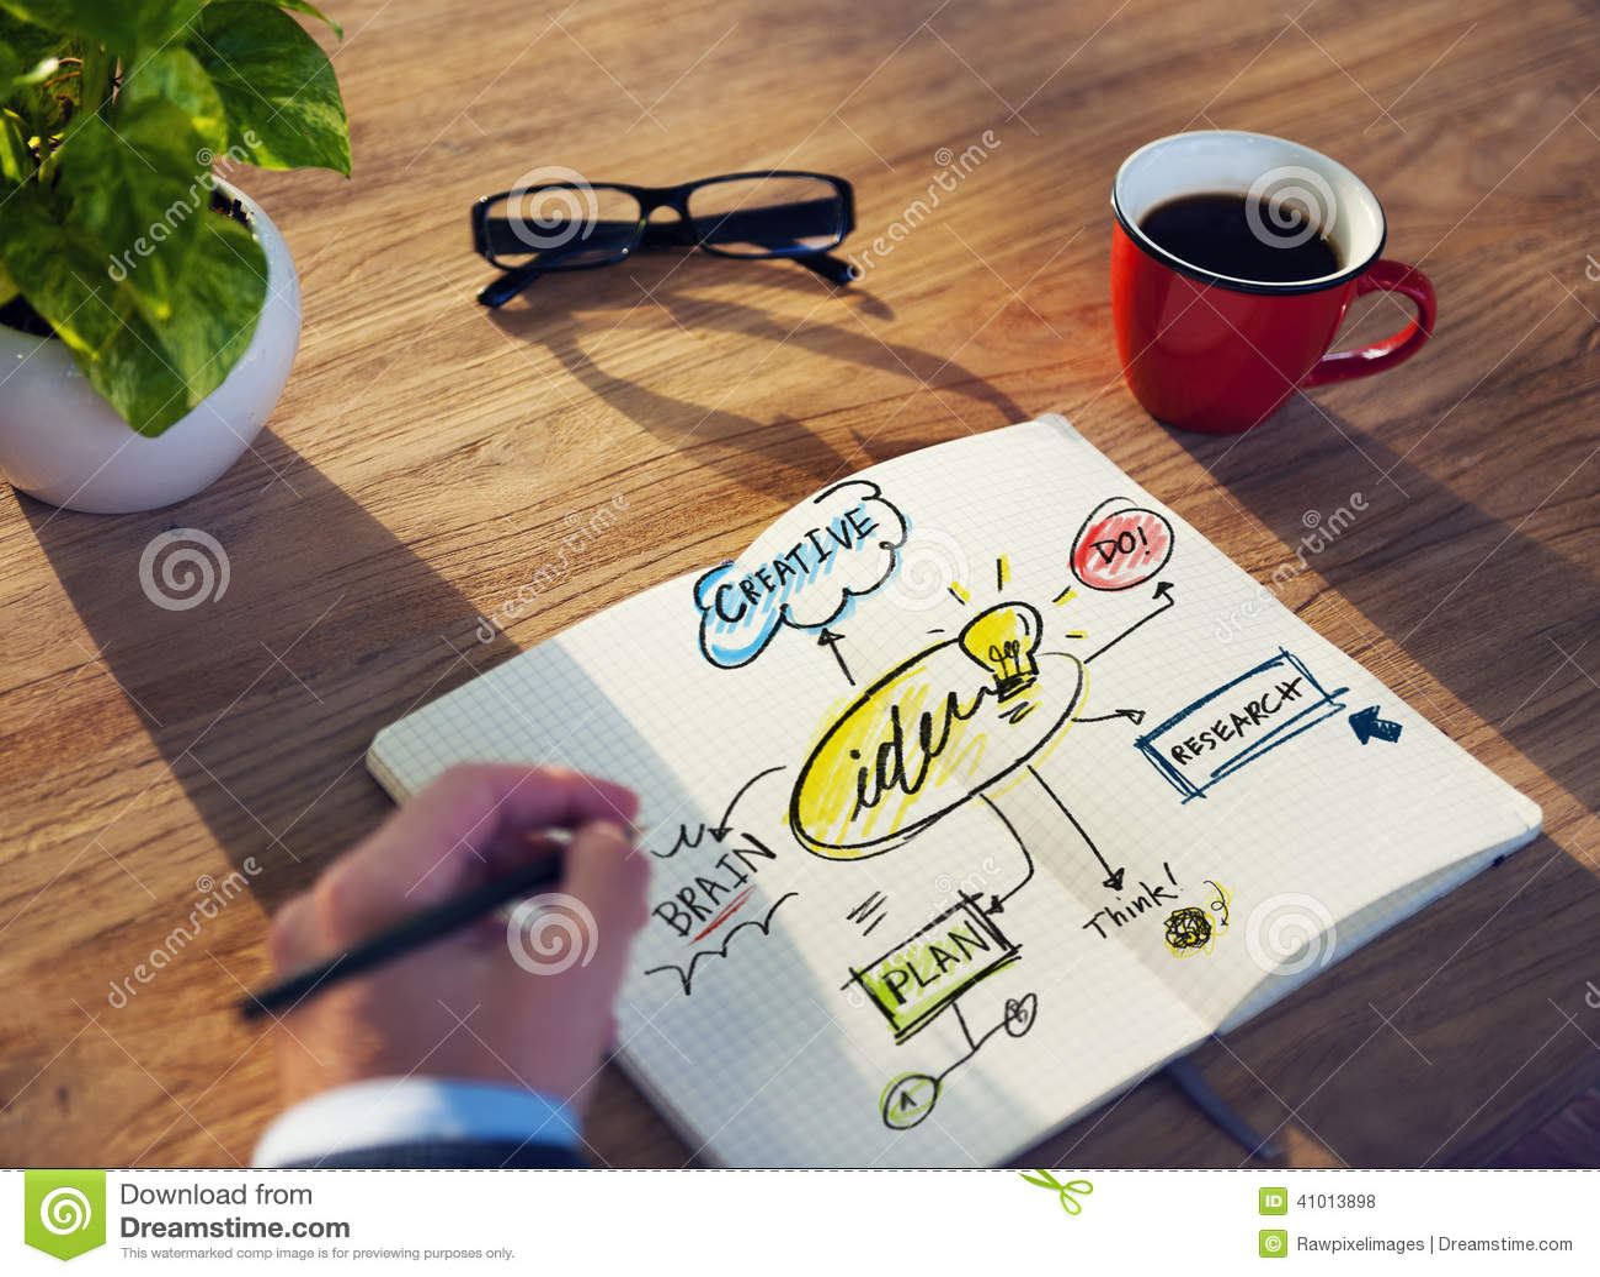 Perspectiva personal de Person Planning para las ideas